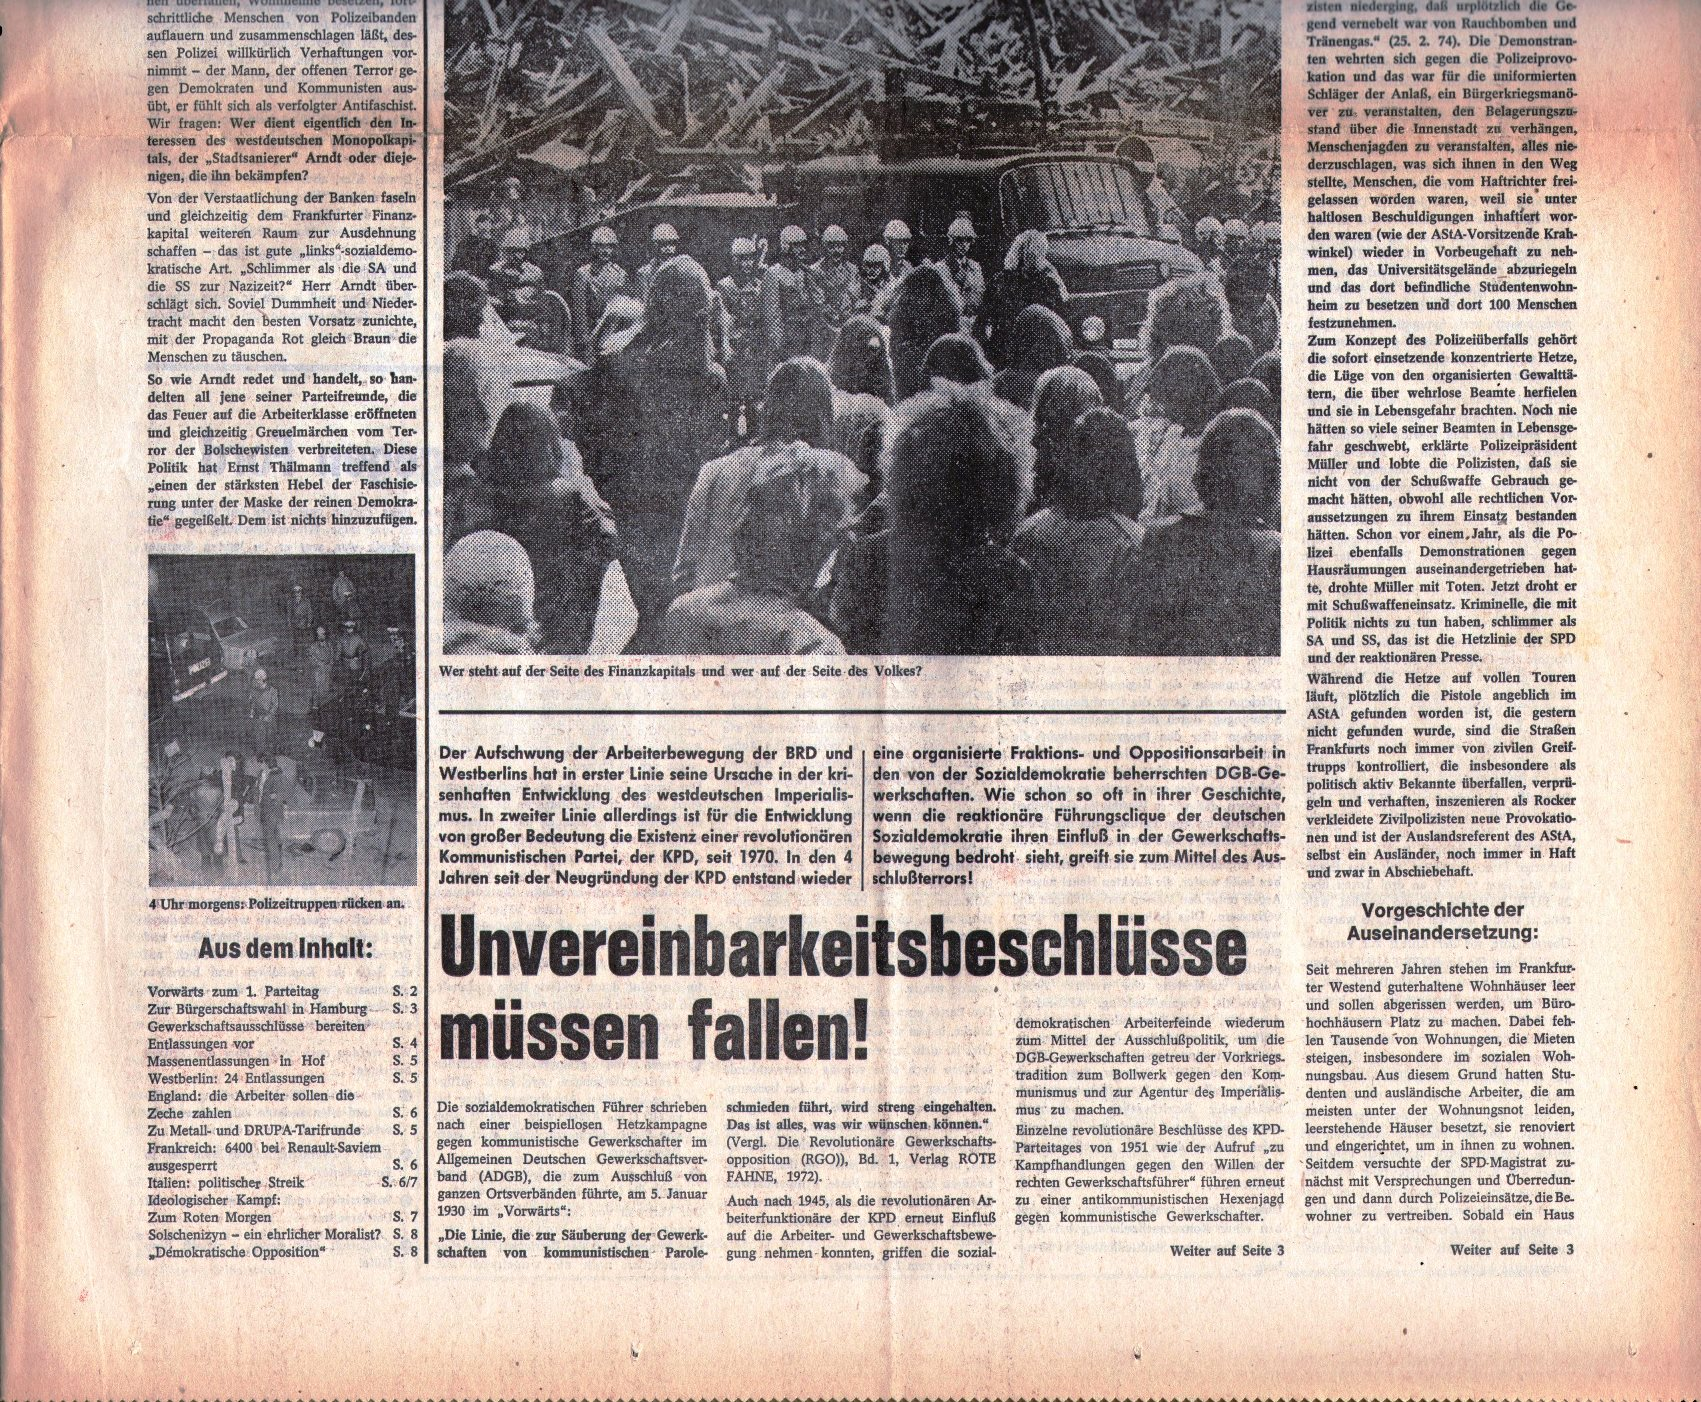 KPD_Rote_Fahne_1974_09_02